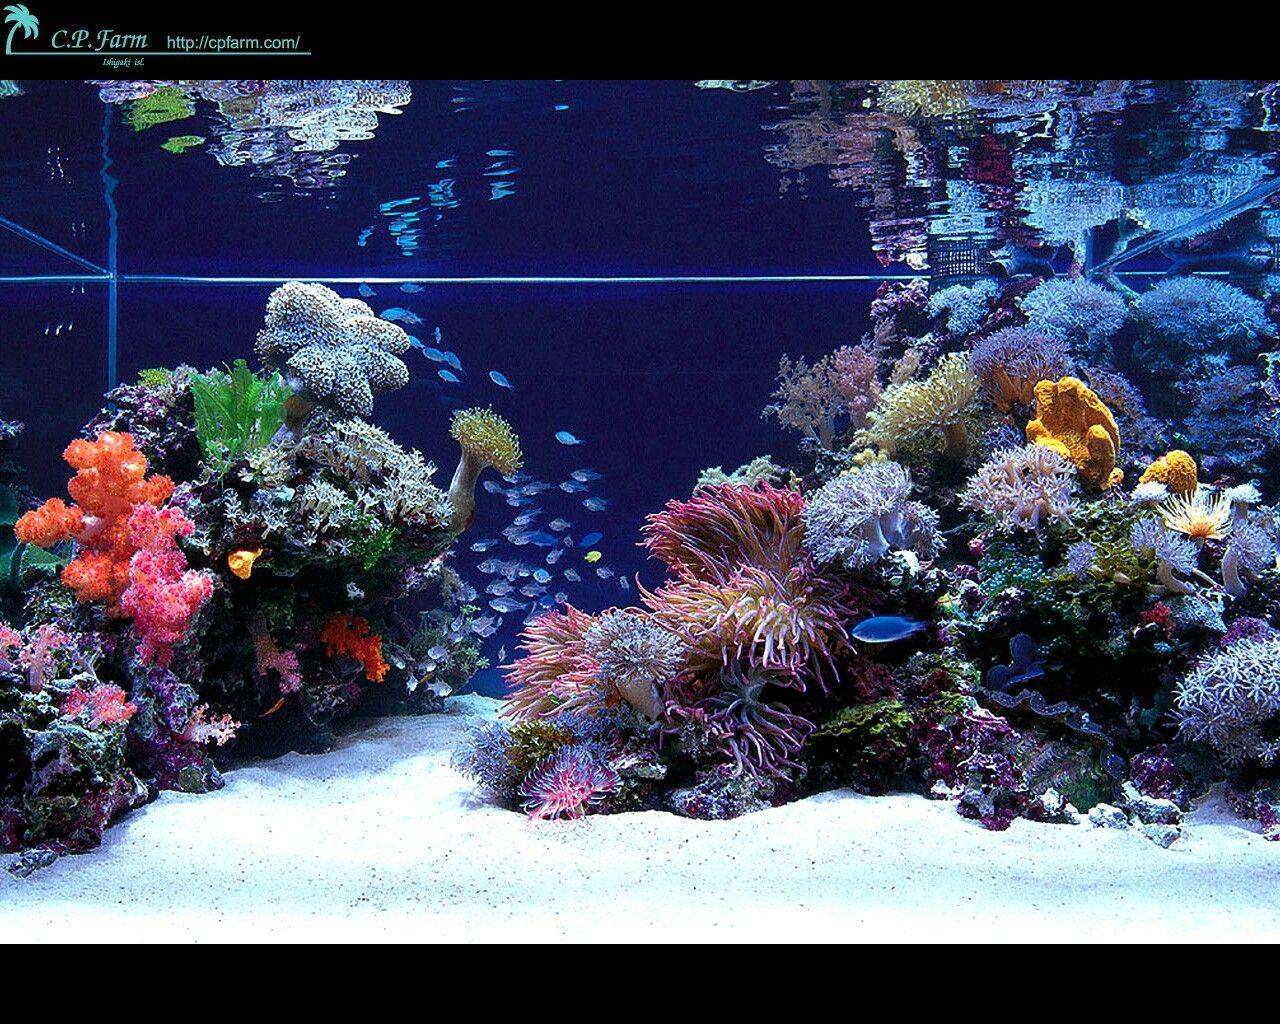 Reef Aquarium Aquascape Designs | reef aquascaping designs - Google Search  | Aquarium Ideas | Pinterest | Reef aquascaping, Aquarium aquascape and  Aquariums